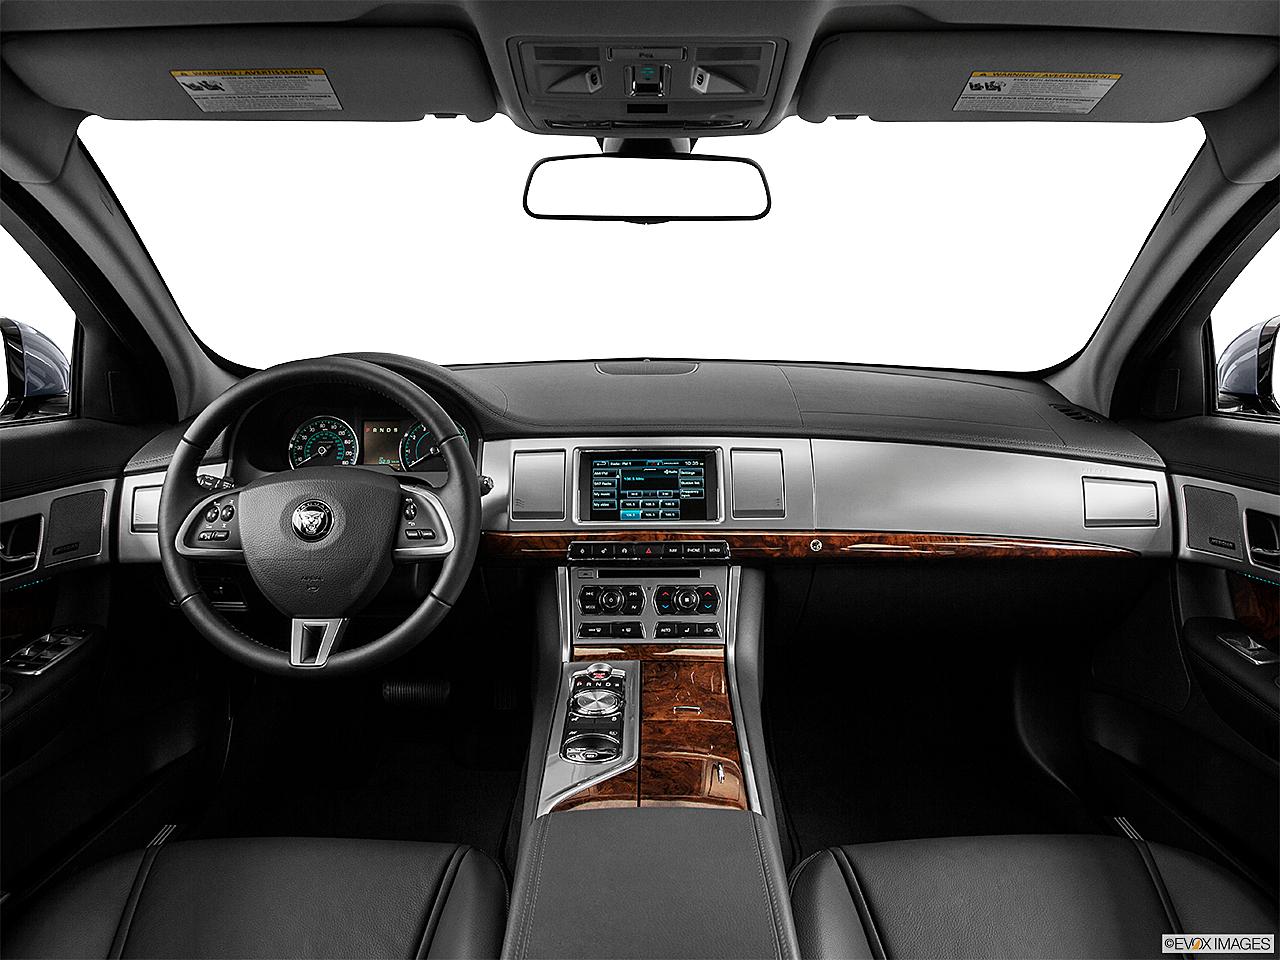 2014 Jaguar XF 3.0, Centered Wide Dash Shot